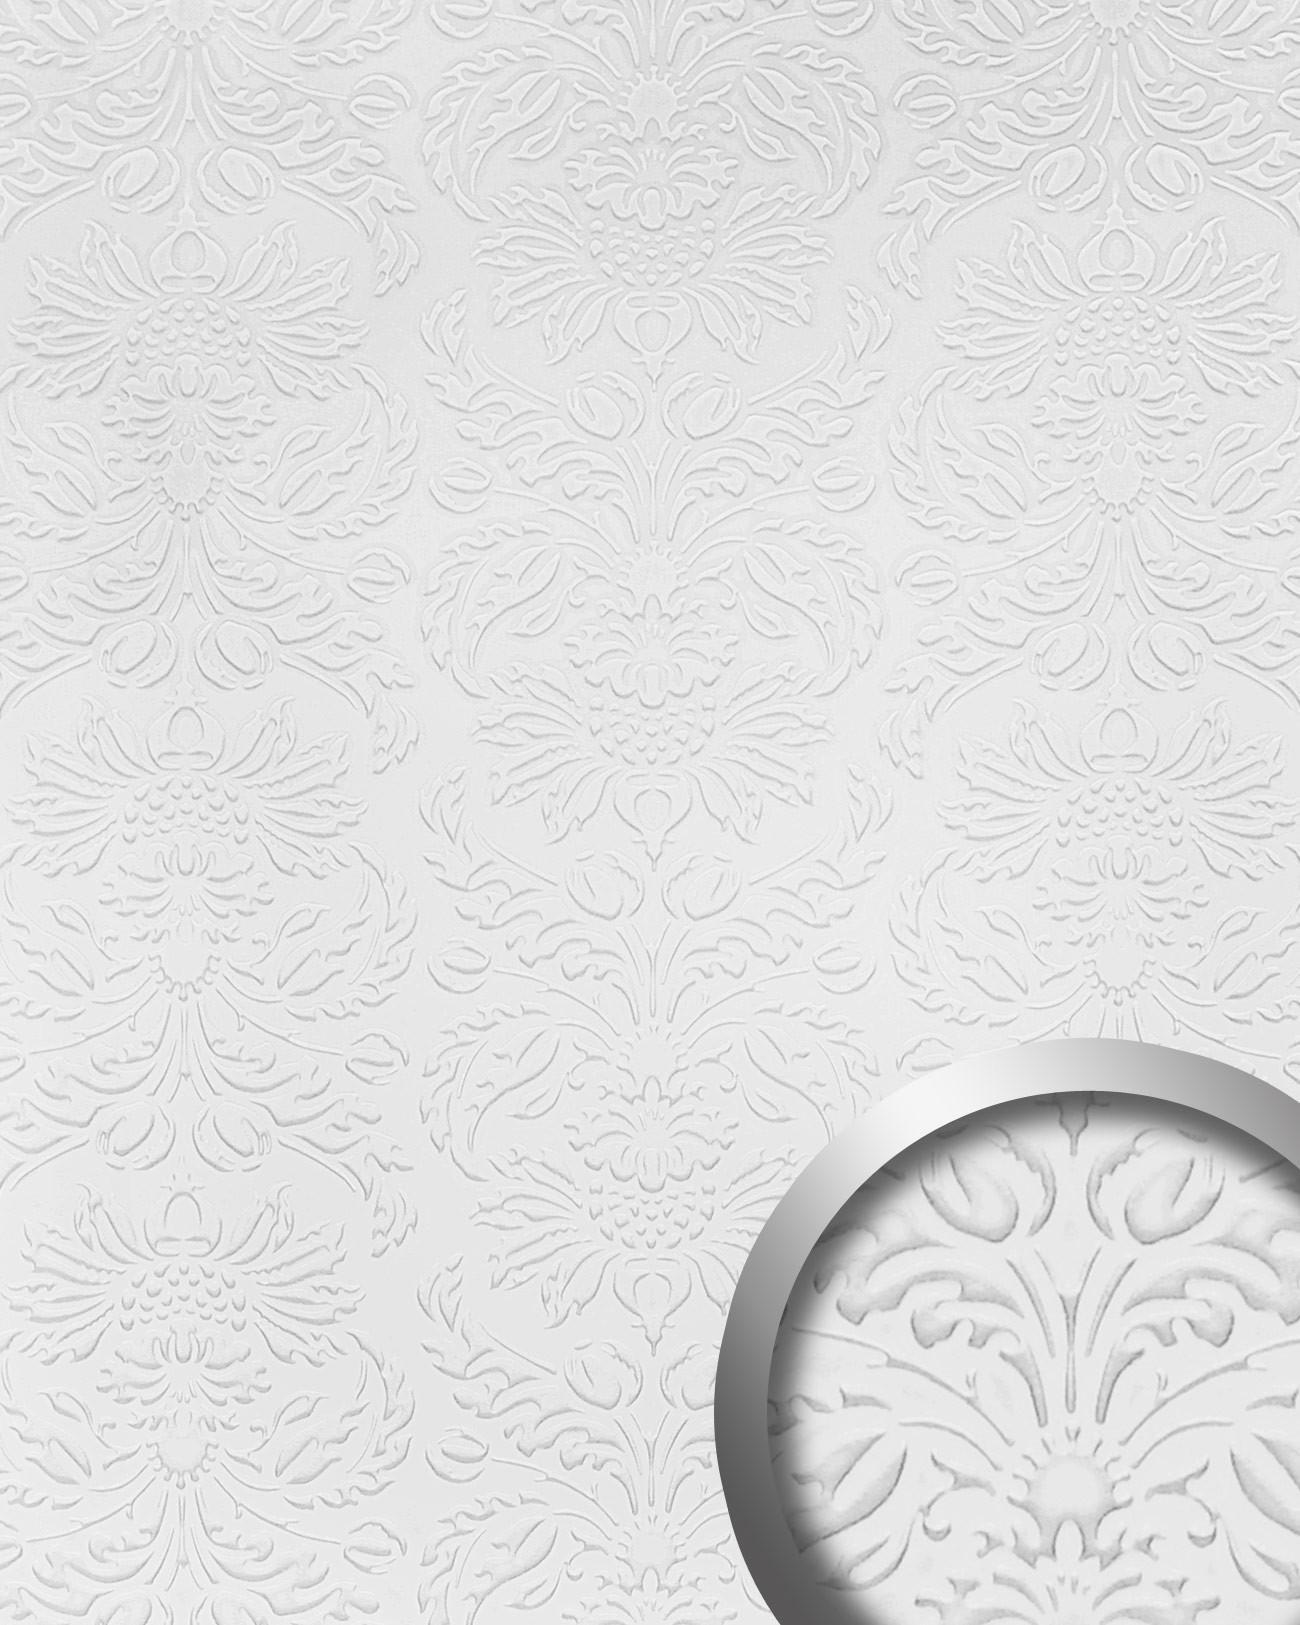 wandpaneel luxus 3d wallface 14796 imperial leder dekor barock damask ornament selbstklebende. Black Bedroom Furniture Sets. Home Design Ideas